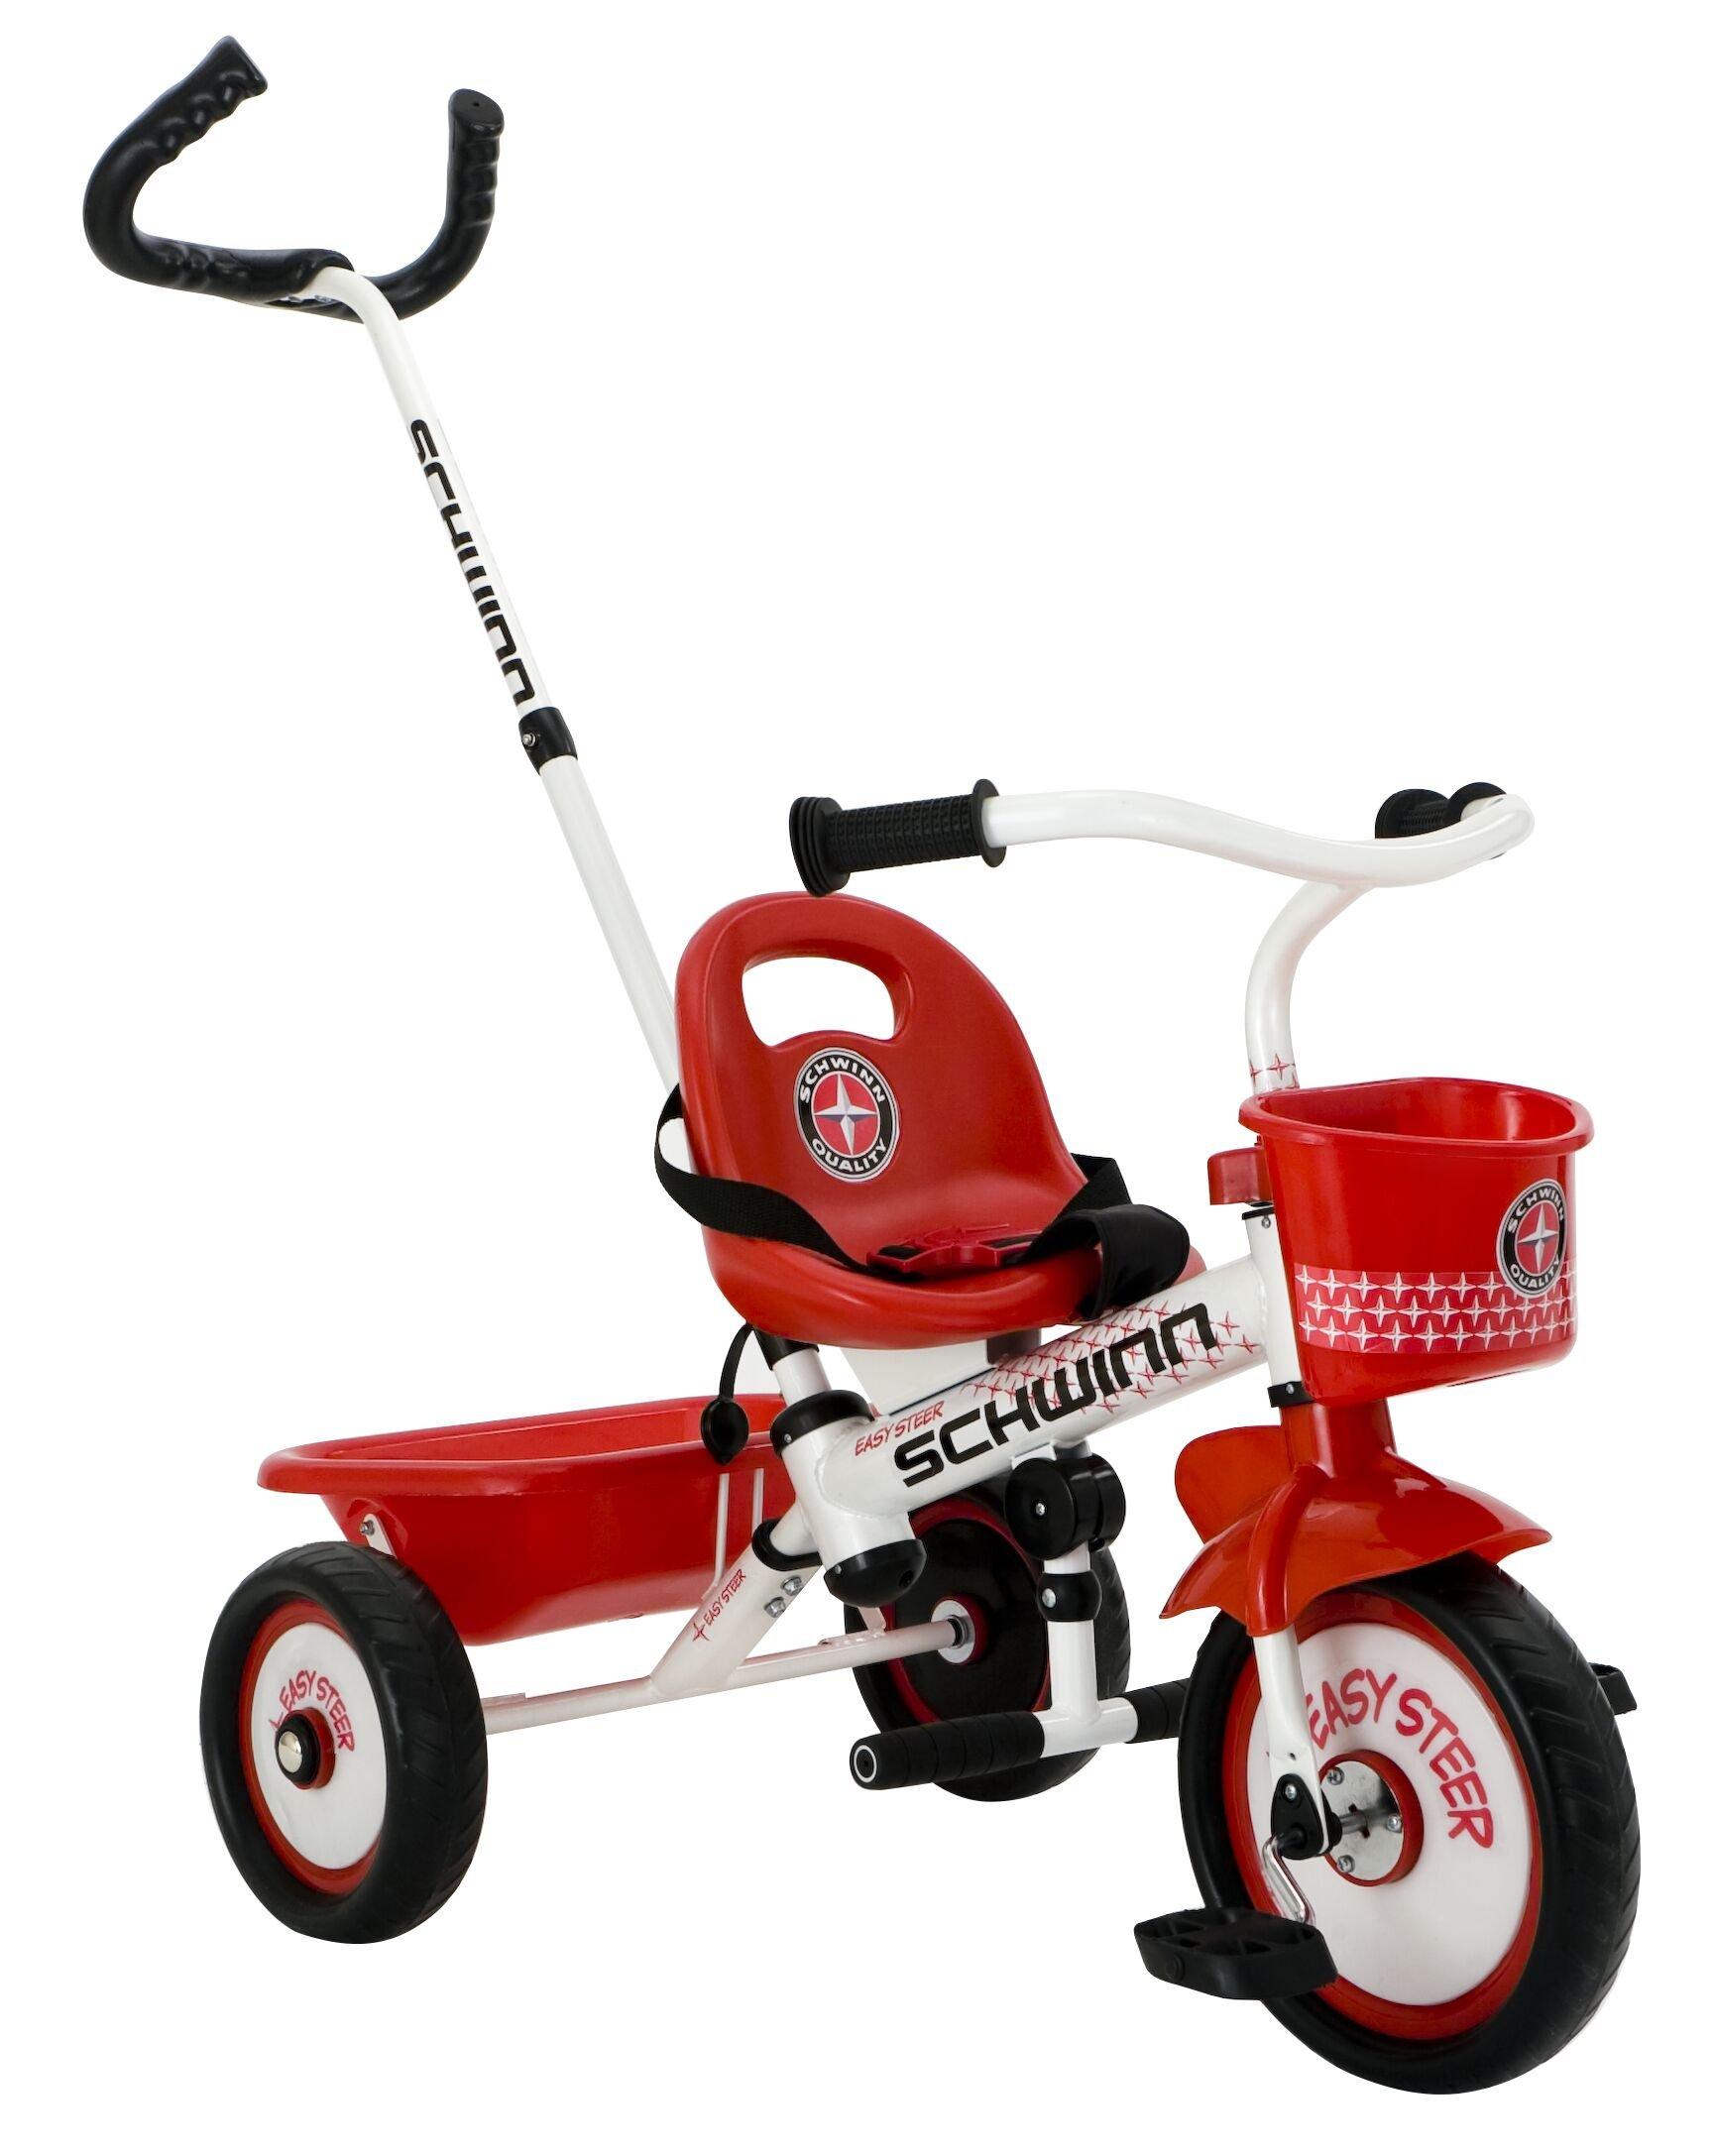 Schwinn Easy Steer Tricycle, Red/White by Schwinn (Image #1)